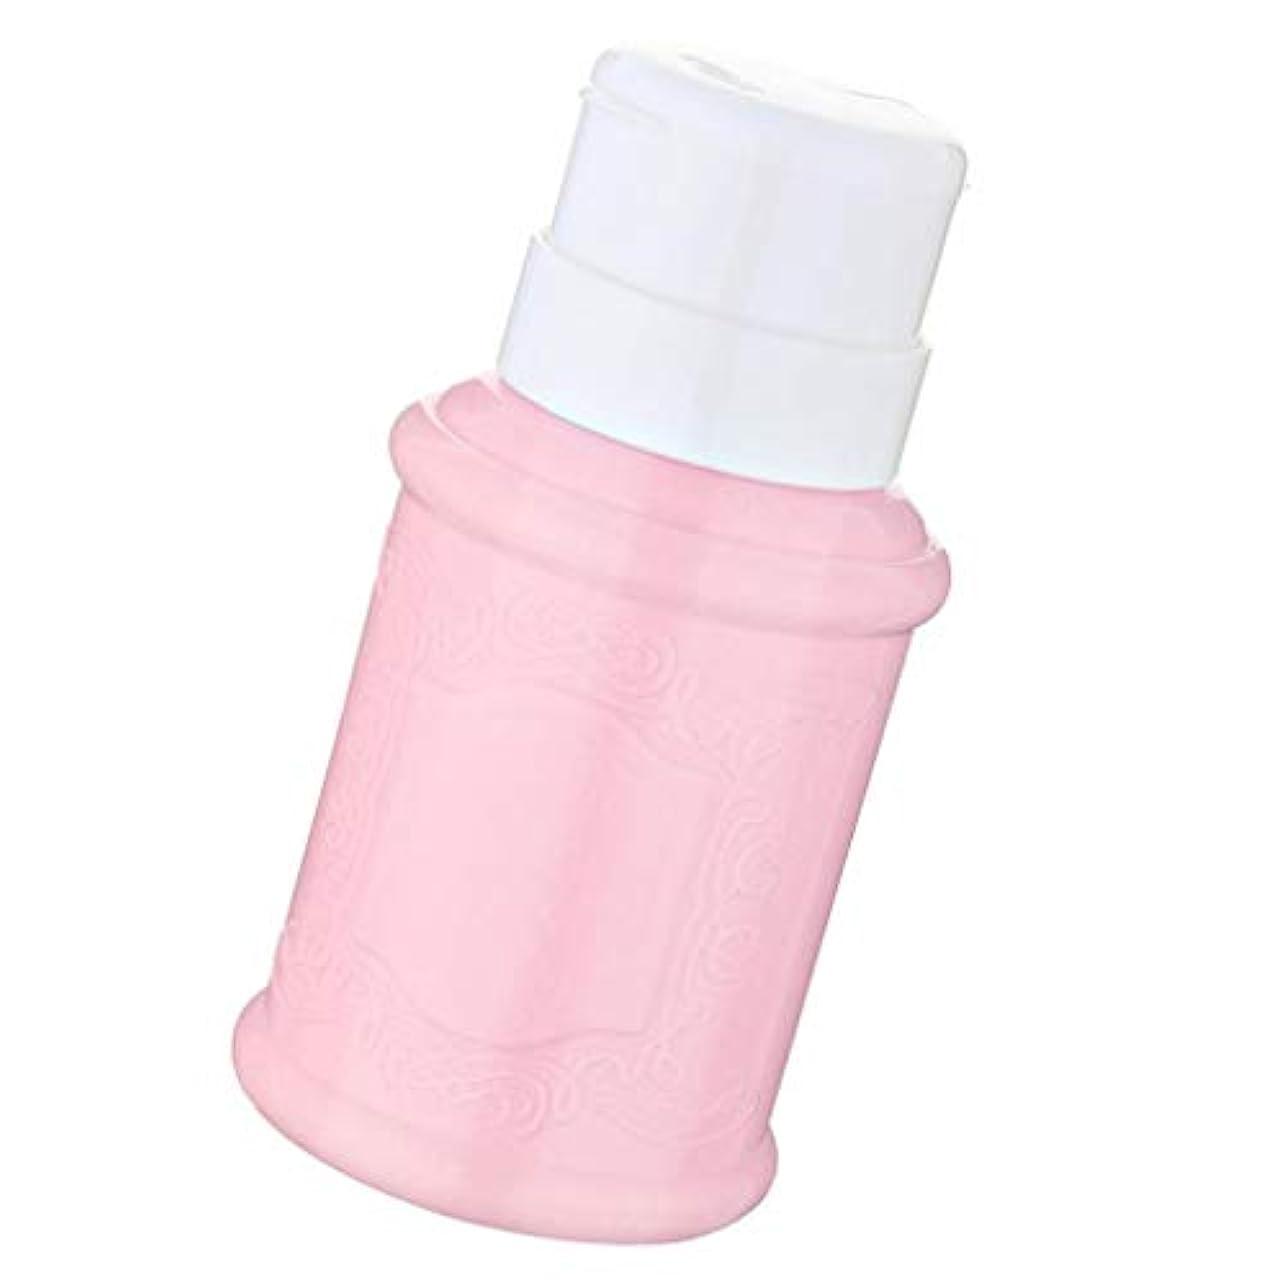 獣苦痛爆発するSM SunniMix 空ポンプ ボトル ネイルクリーナーボトル ポンプディスペンサー ジェルクリーナー 全3色 - ピンク